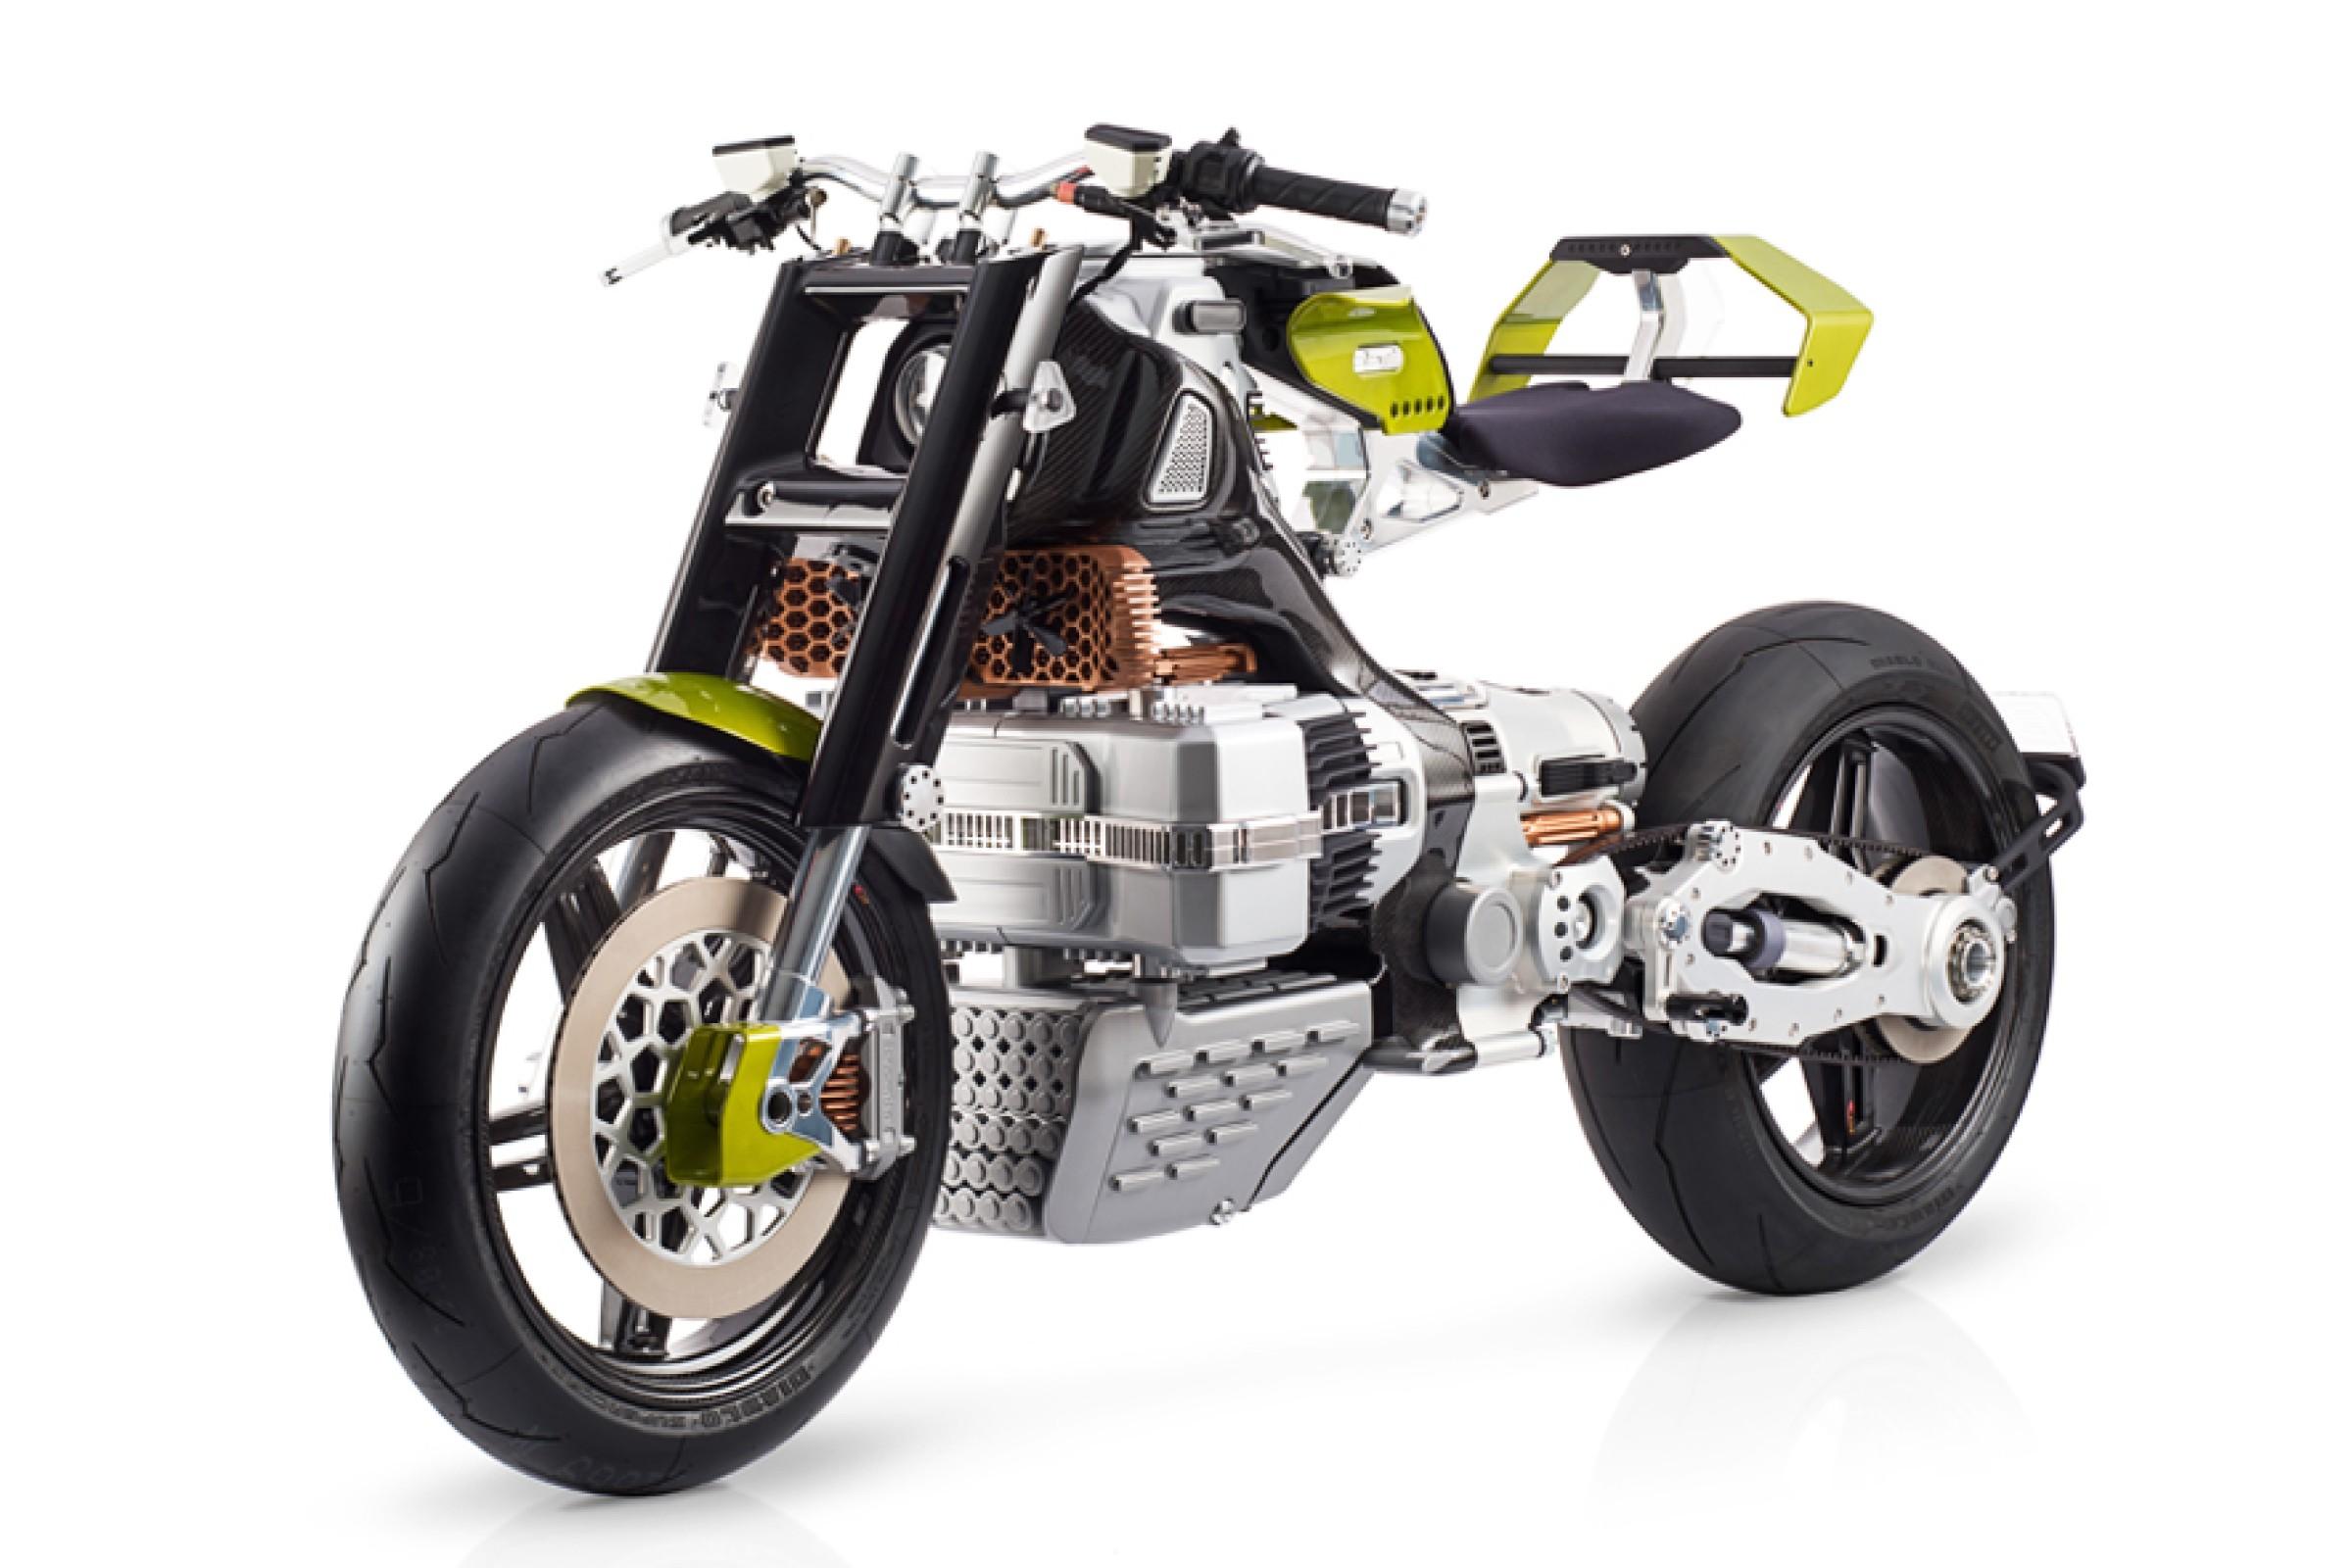 یک استاندارد جدید براى زیبایى شناسى موتورسیکلت هاى برقى/ آیا این محصول بهترین طراحى پیر ترابلانچ تا به امروز است؟